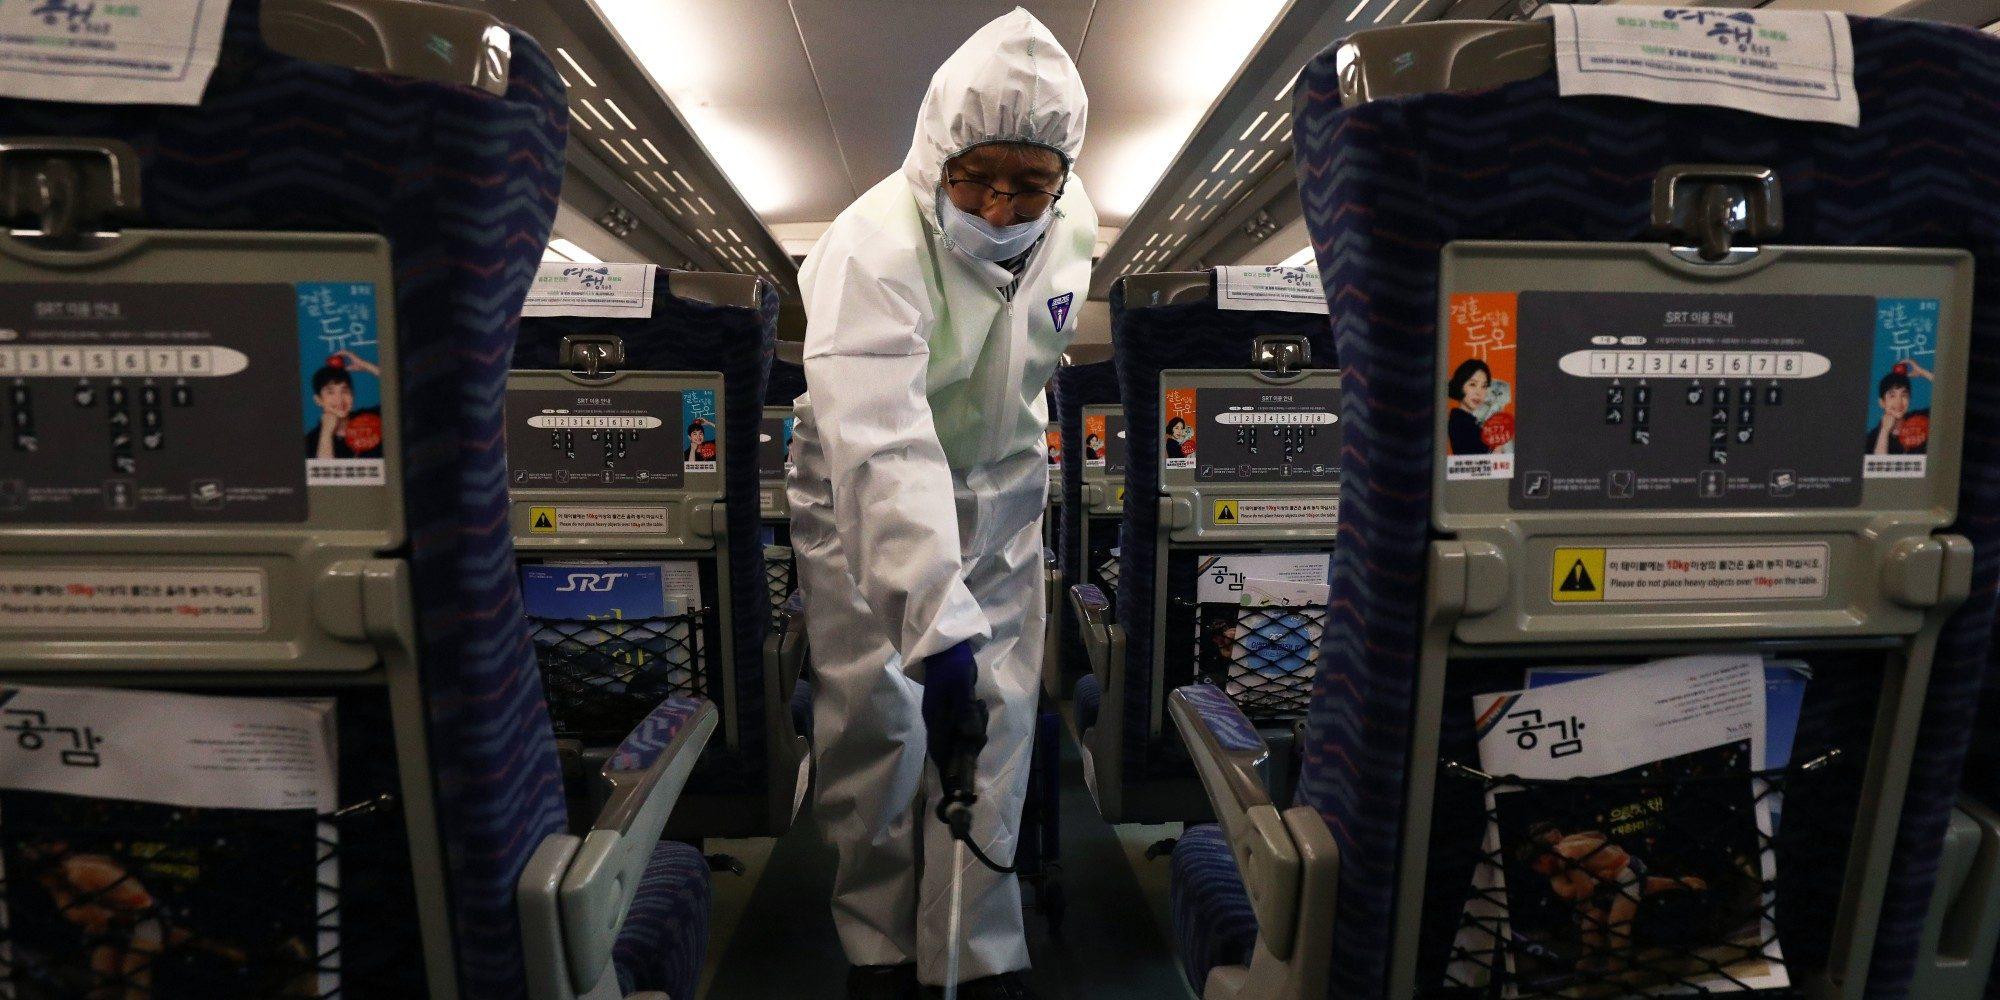 中國因擔心冠狀病毒而中止澳門簽證,扼殺了博彩業者近期反彈的希望